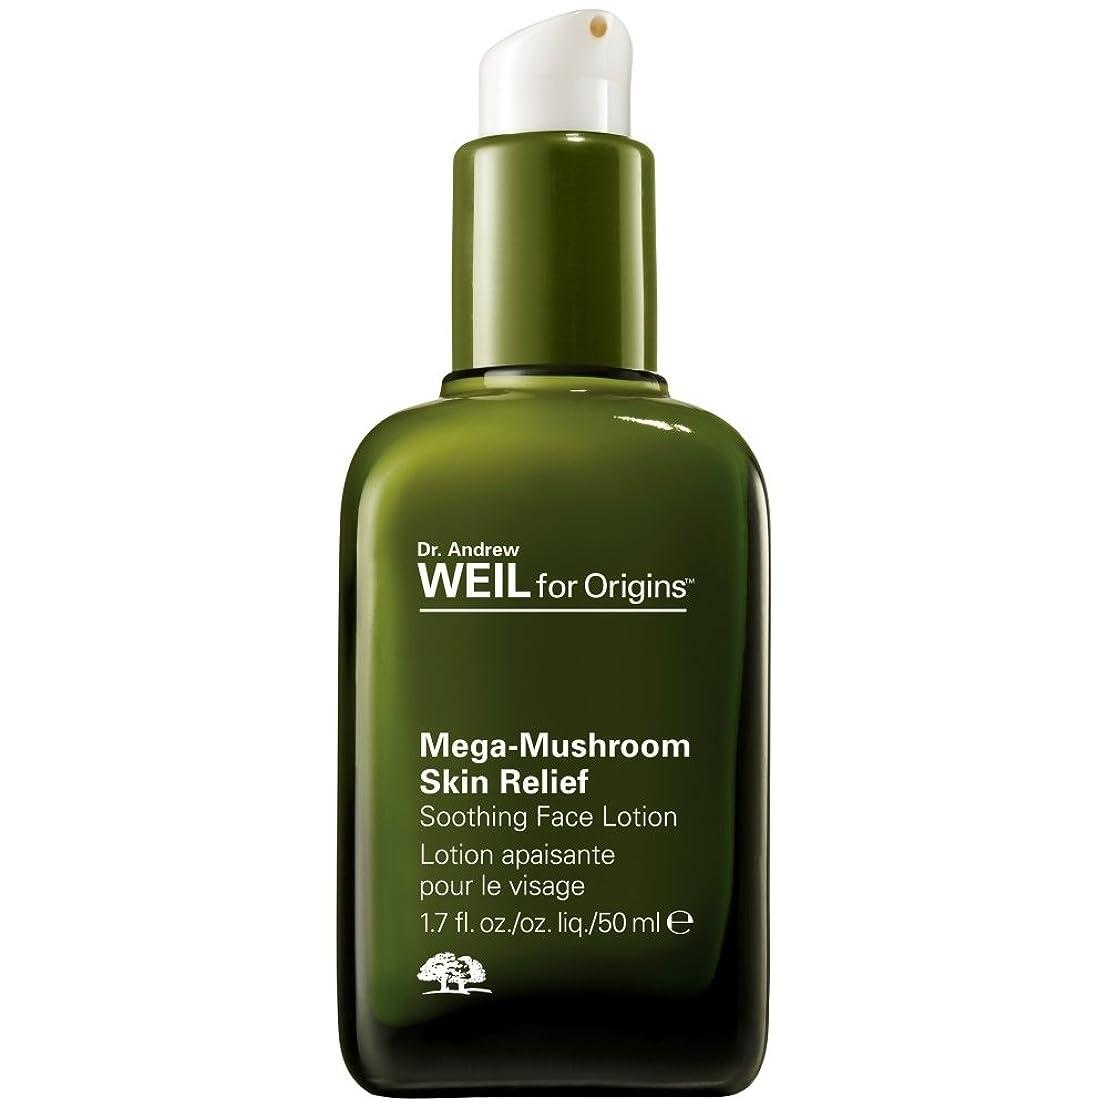 ラダ作り上げる改善するDr。アンドルー?ワイル起源メガマッシュルーム?スキンリリーフ化粧水、50ミリリットルのために (Origins) (x6) - Dr. Andrew Weil for Origins Mega Mushroom? Skin Relief Face Lotion, 50ml (Pack of 6) [並行輸入品]